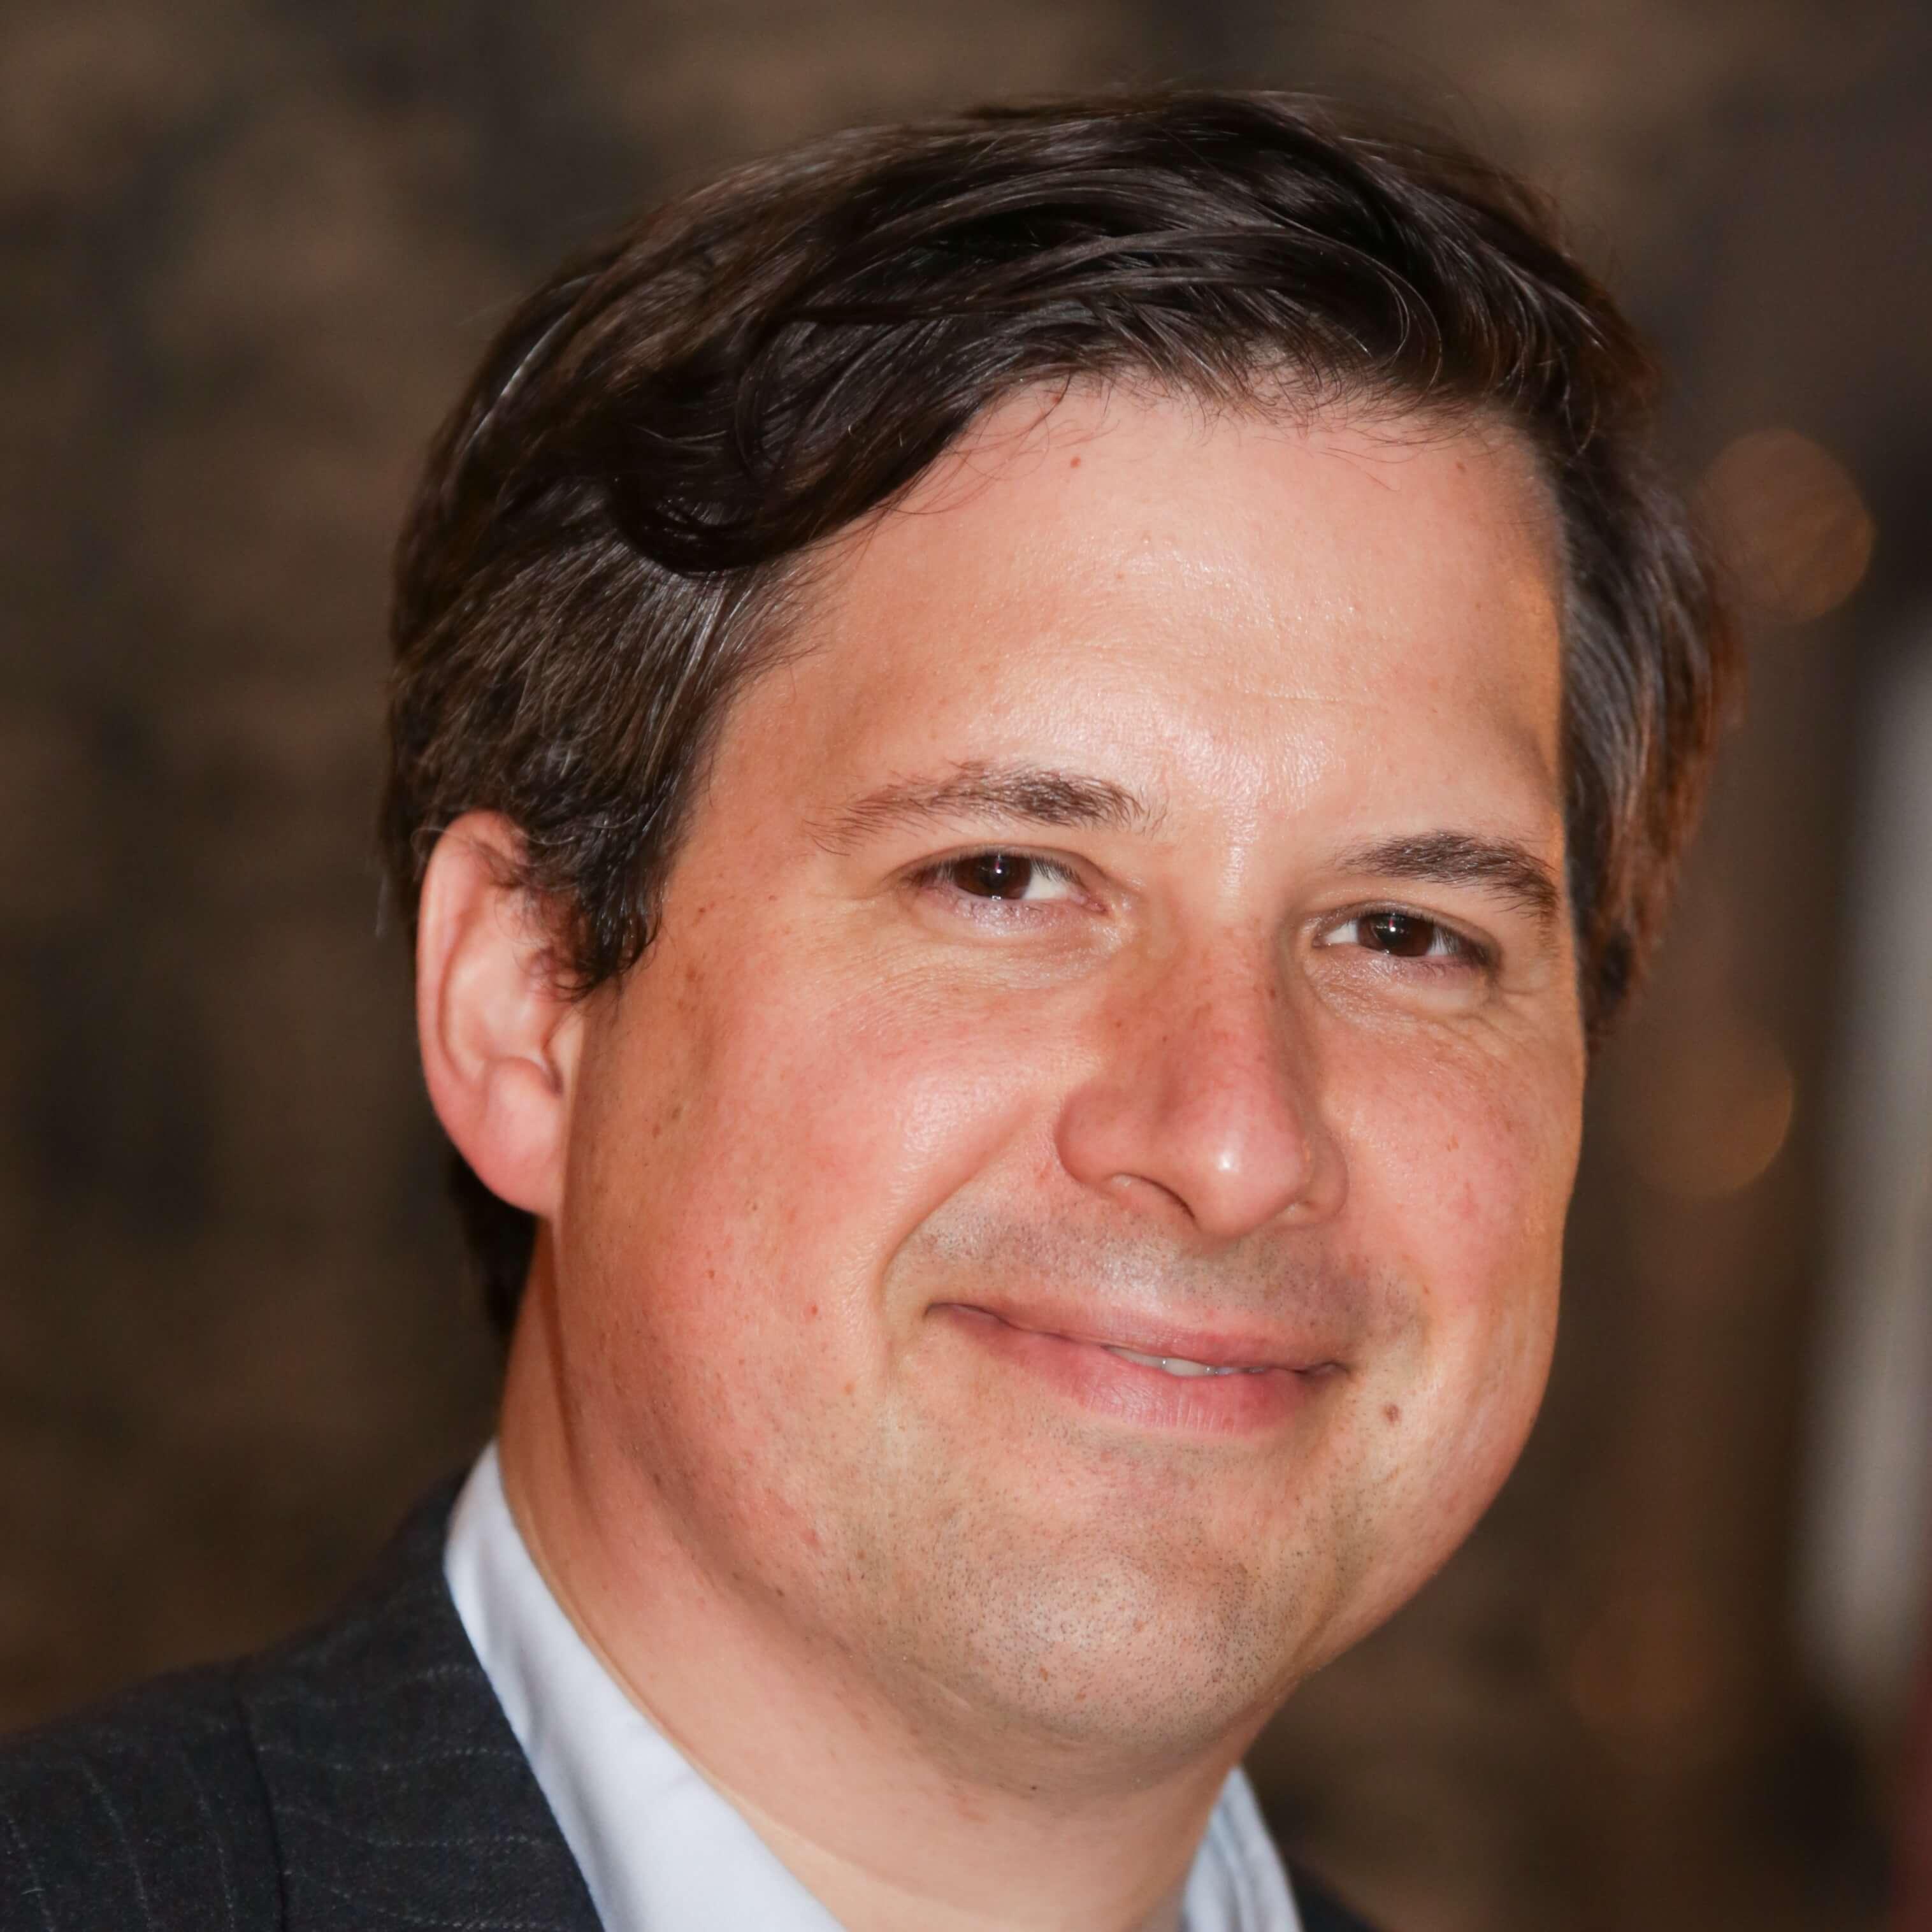 Dan Matthews